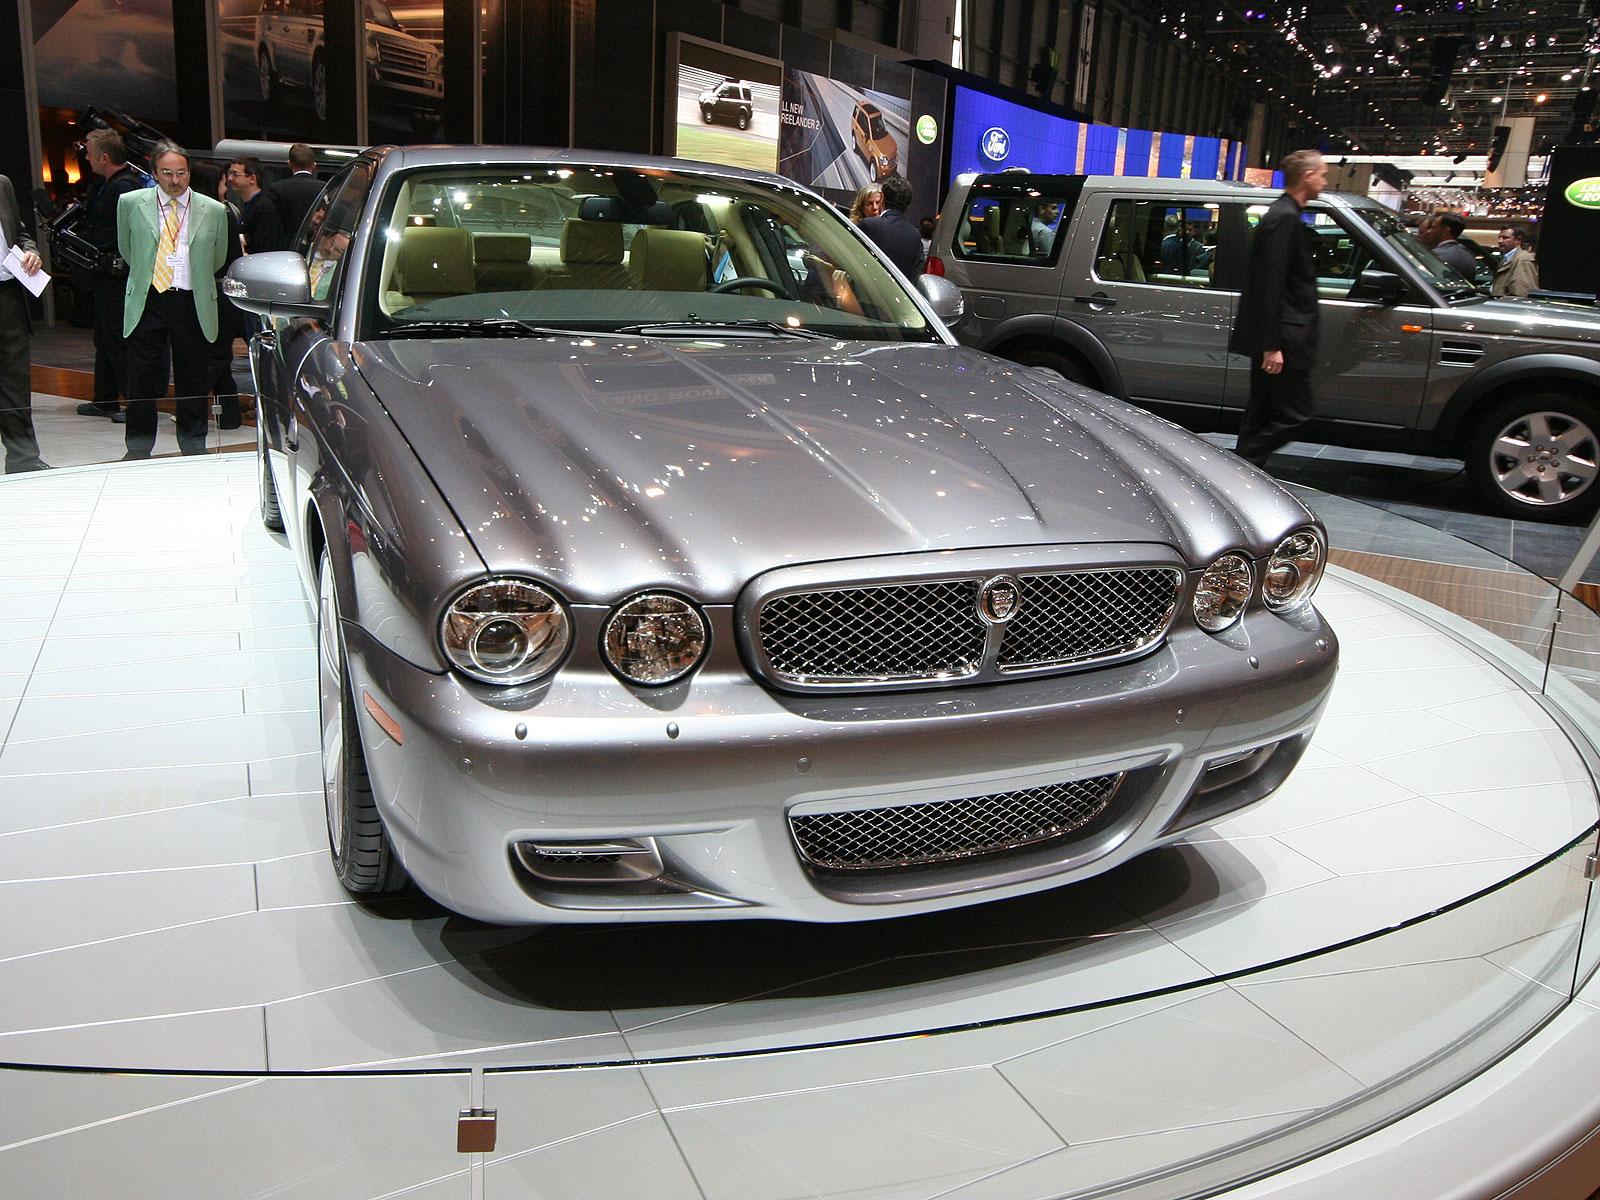 2007 Jaguar XJ (c) Stefan Gruber